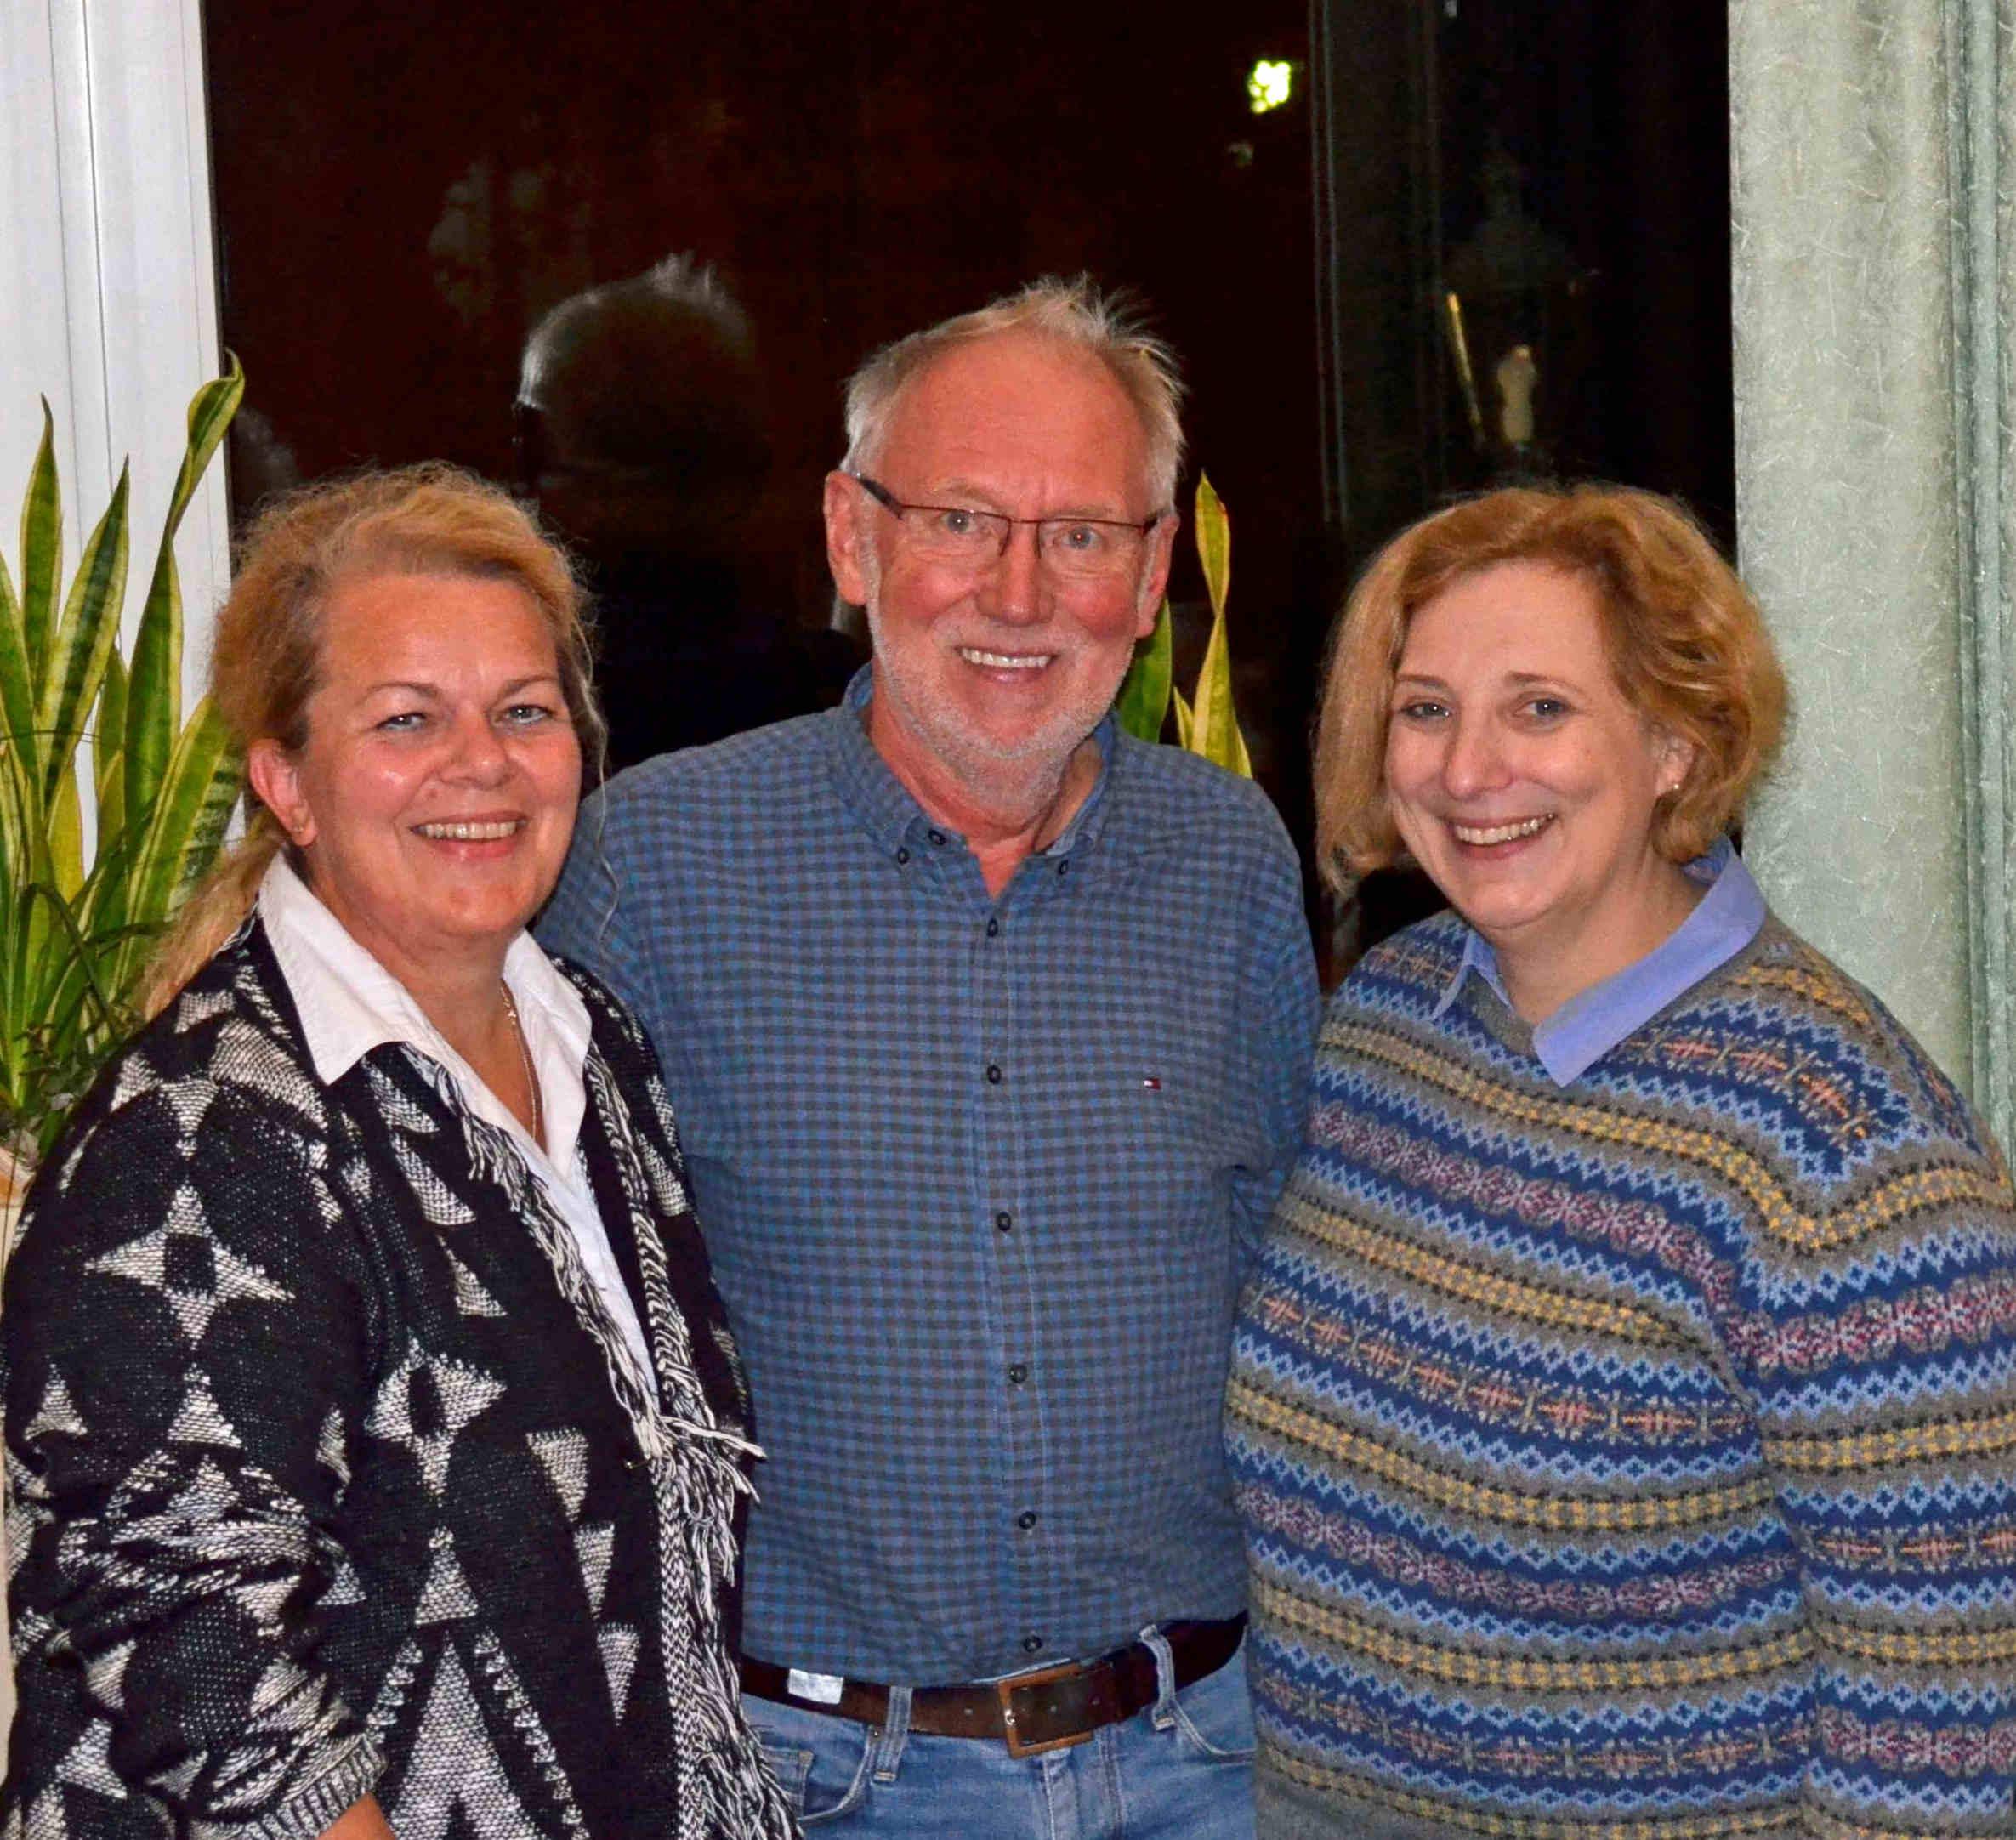 Simone Plöger-van-Dijk (OV-Vorsitzende SPD Haselünne), Rolf Hopster (Ehrung für 35 Jahre SPD-Mitgliedschaft), Dr. Daniela De Ridder (SPD-Bundestagsabgeordnete)